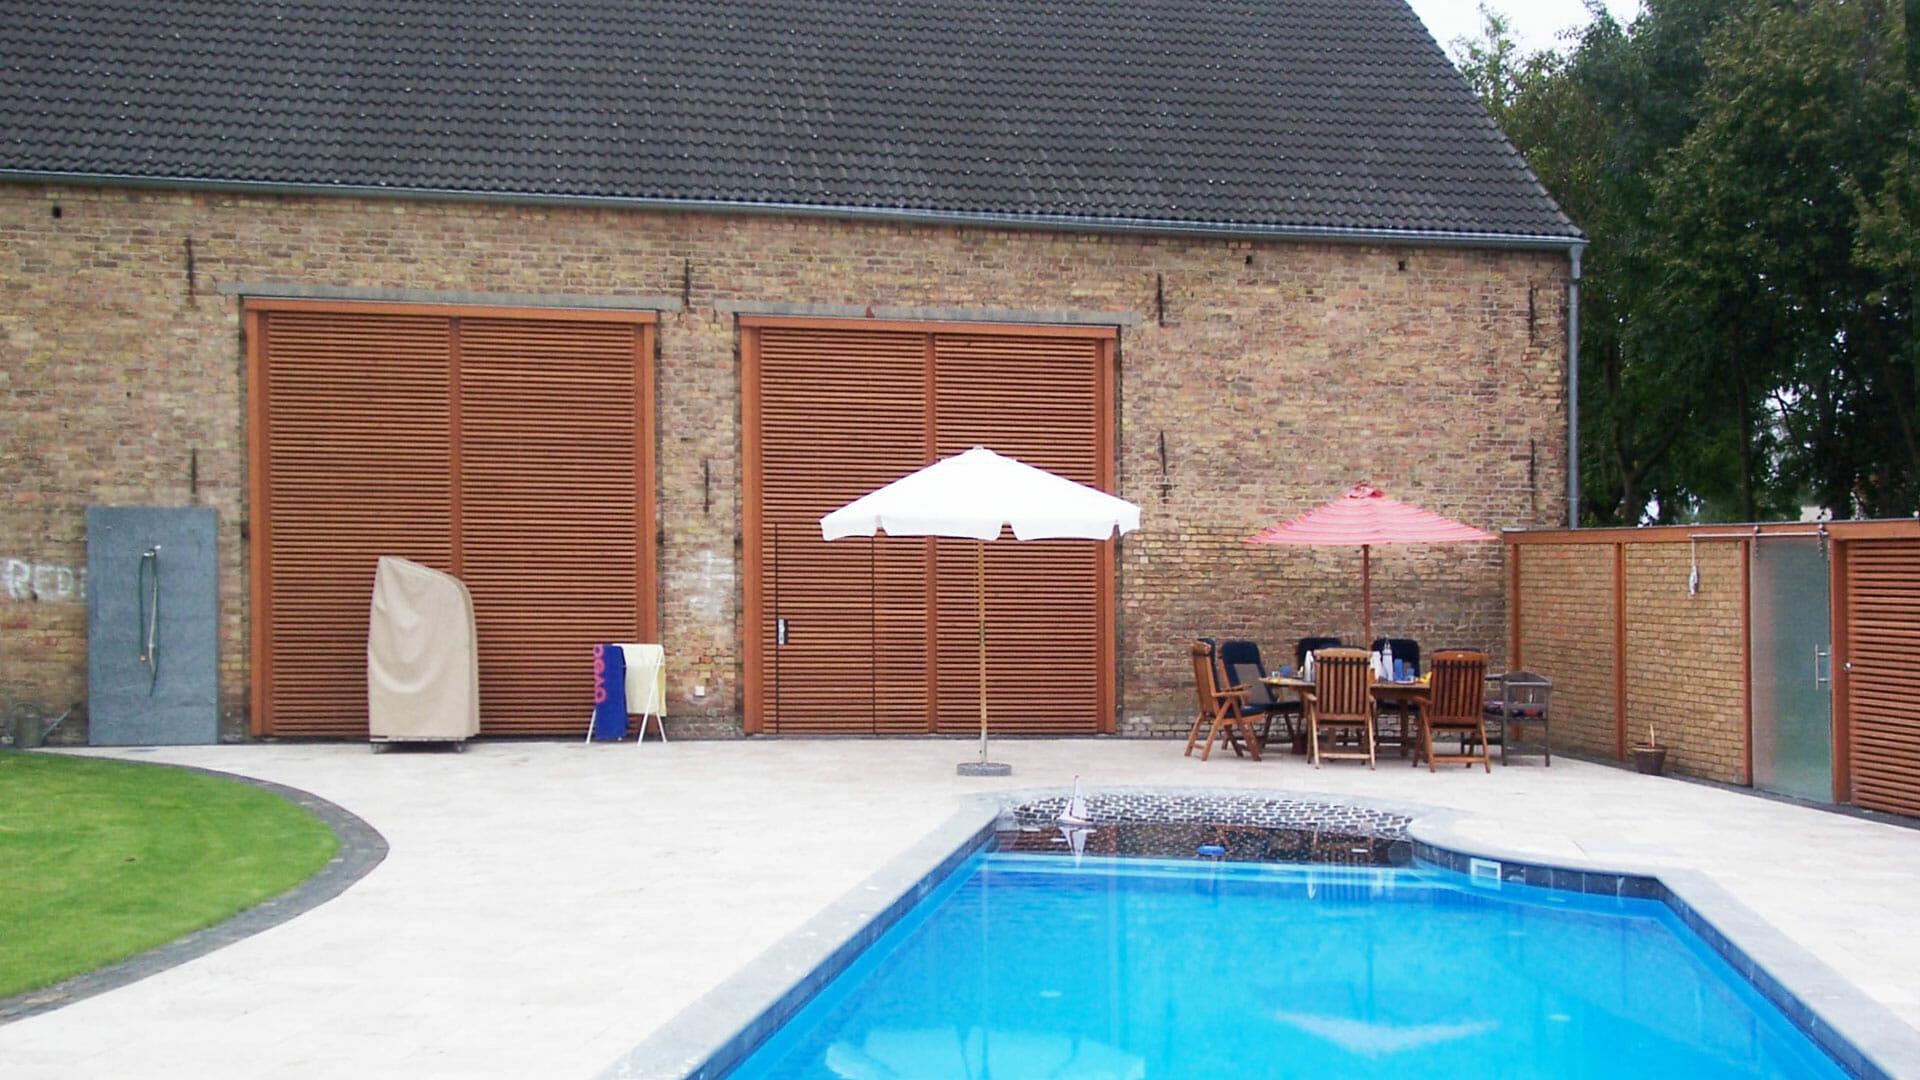 Pool vor Scheune mit neuem Tor und Sichtschutzwand